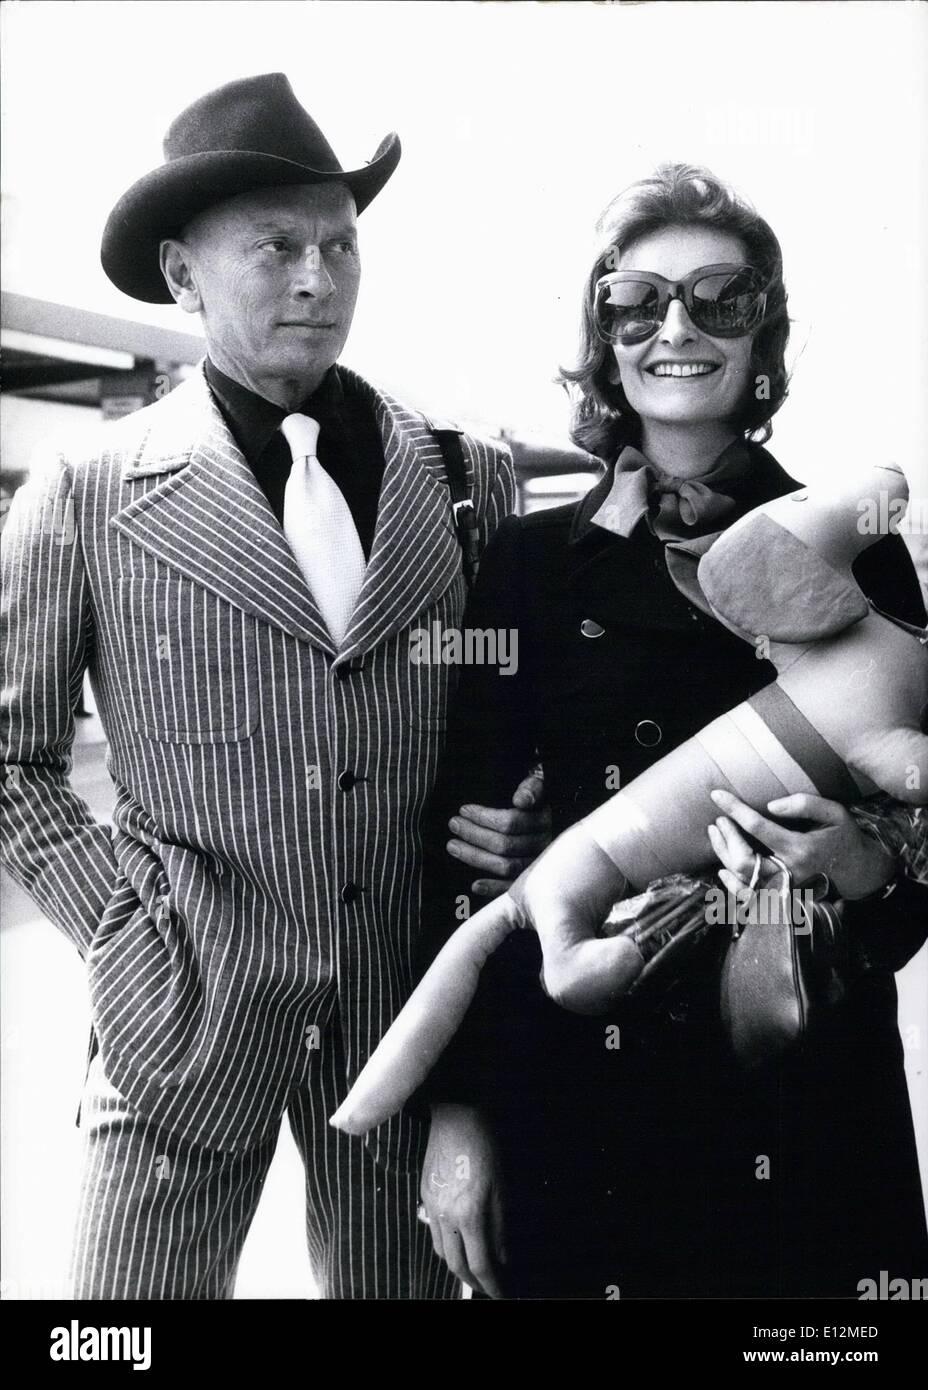 24 février 2012 - L'acteur américain Yul Brynner dans l'Allemagne de l'Ouest. Yul Brynner et son épouse Jaqueline Banque D'Images